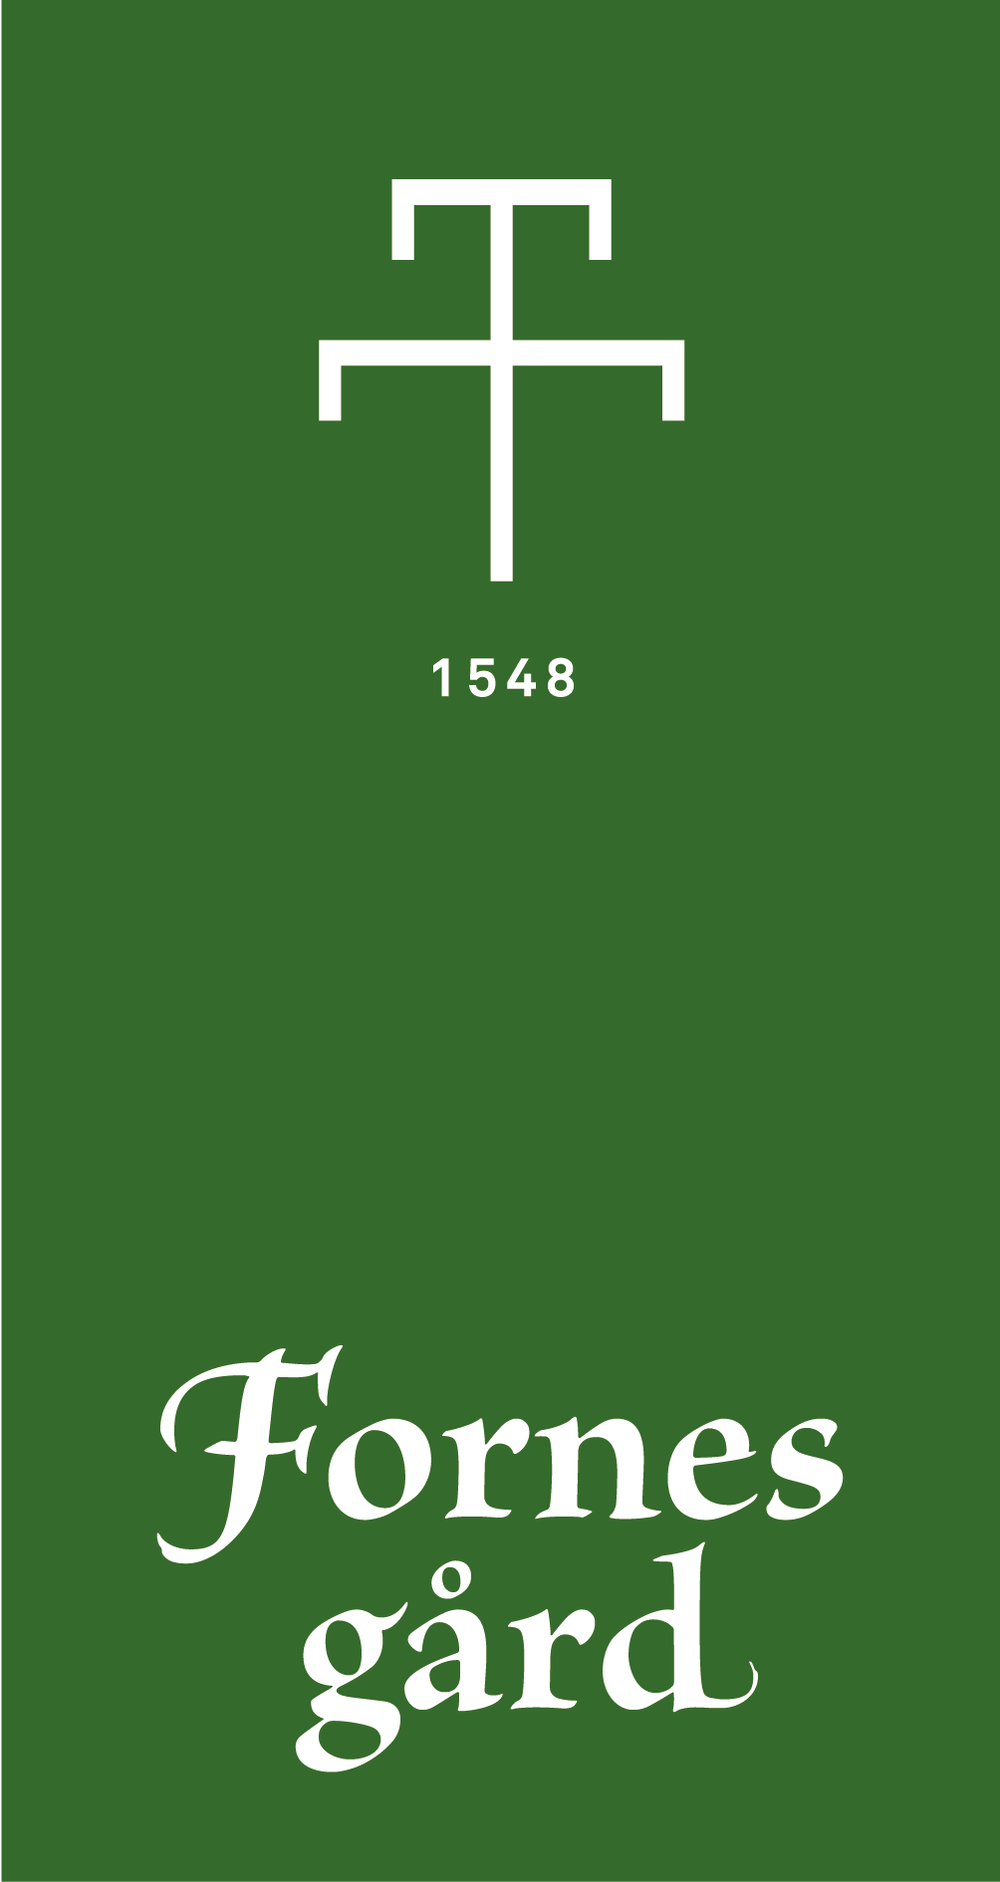 fornes gård logoer høy-07.png